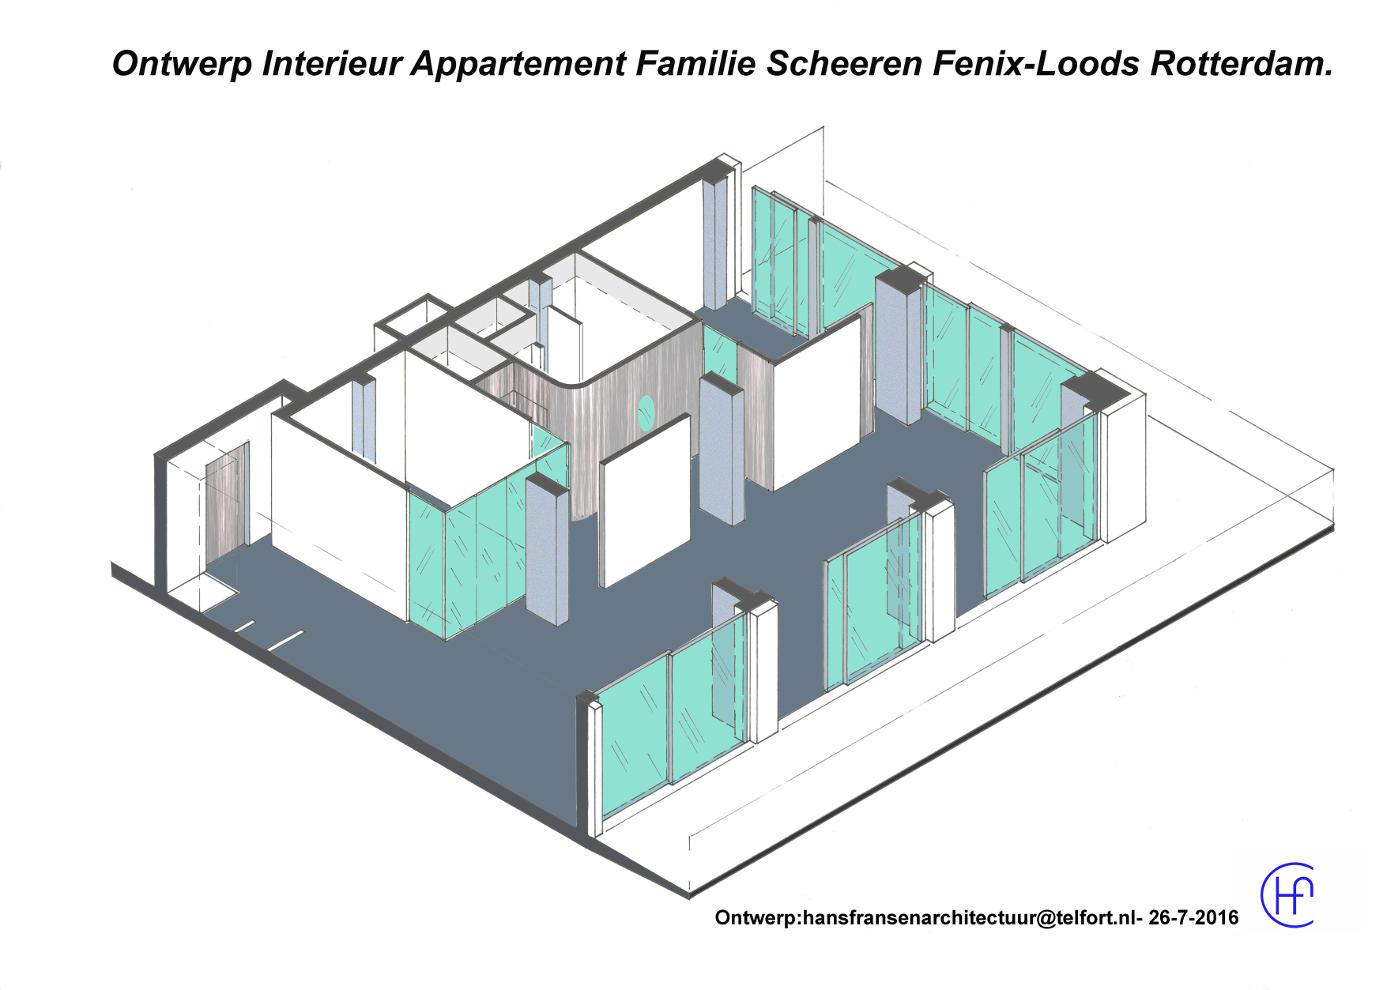 Ontwerp appartement Fenixloods Rotterdam 2016